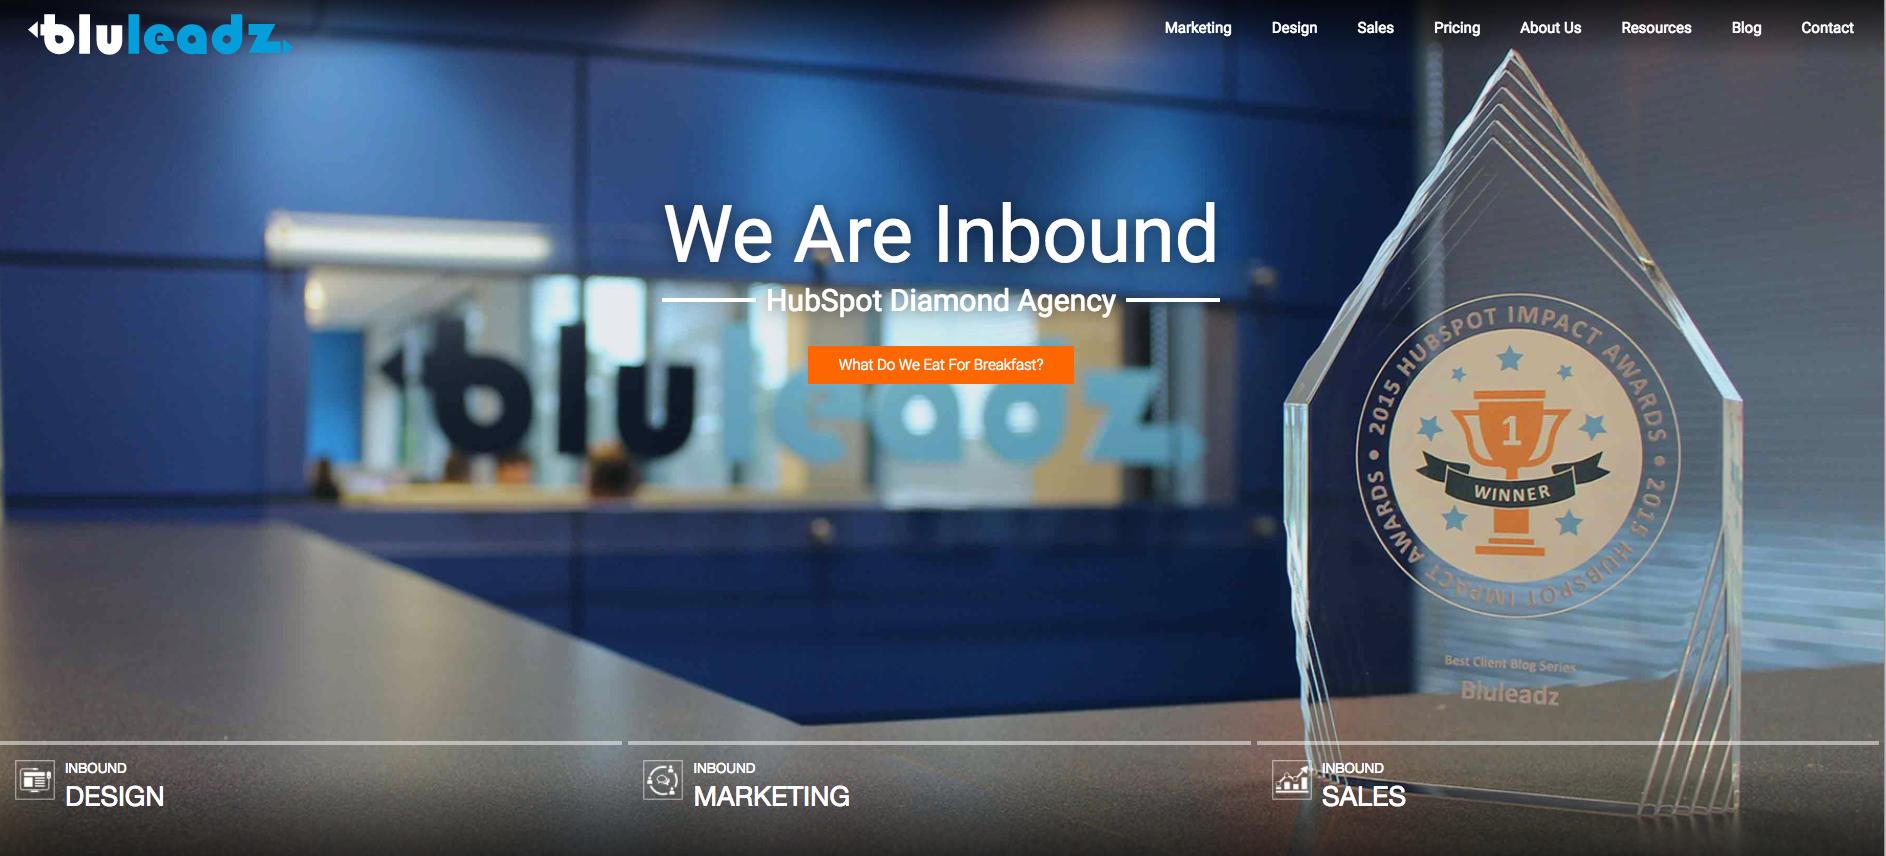 top-inbound-hubspot-partner-agencies-bluleadz.png